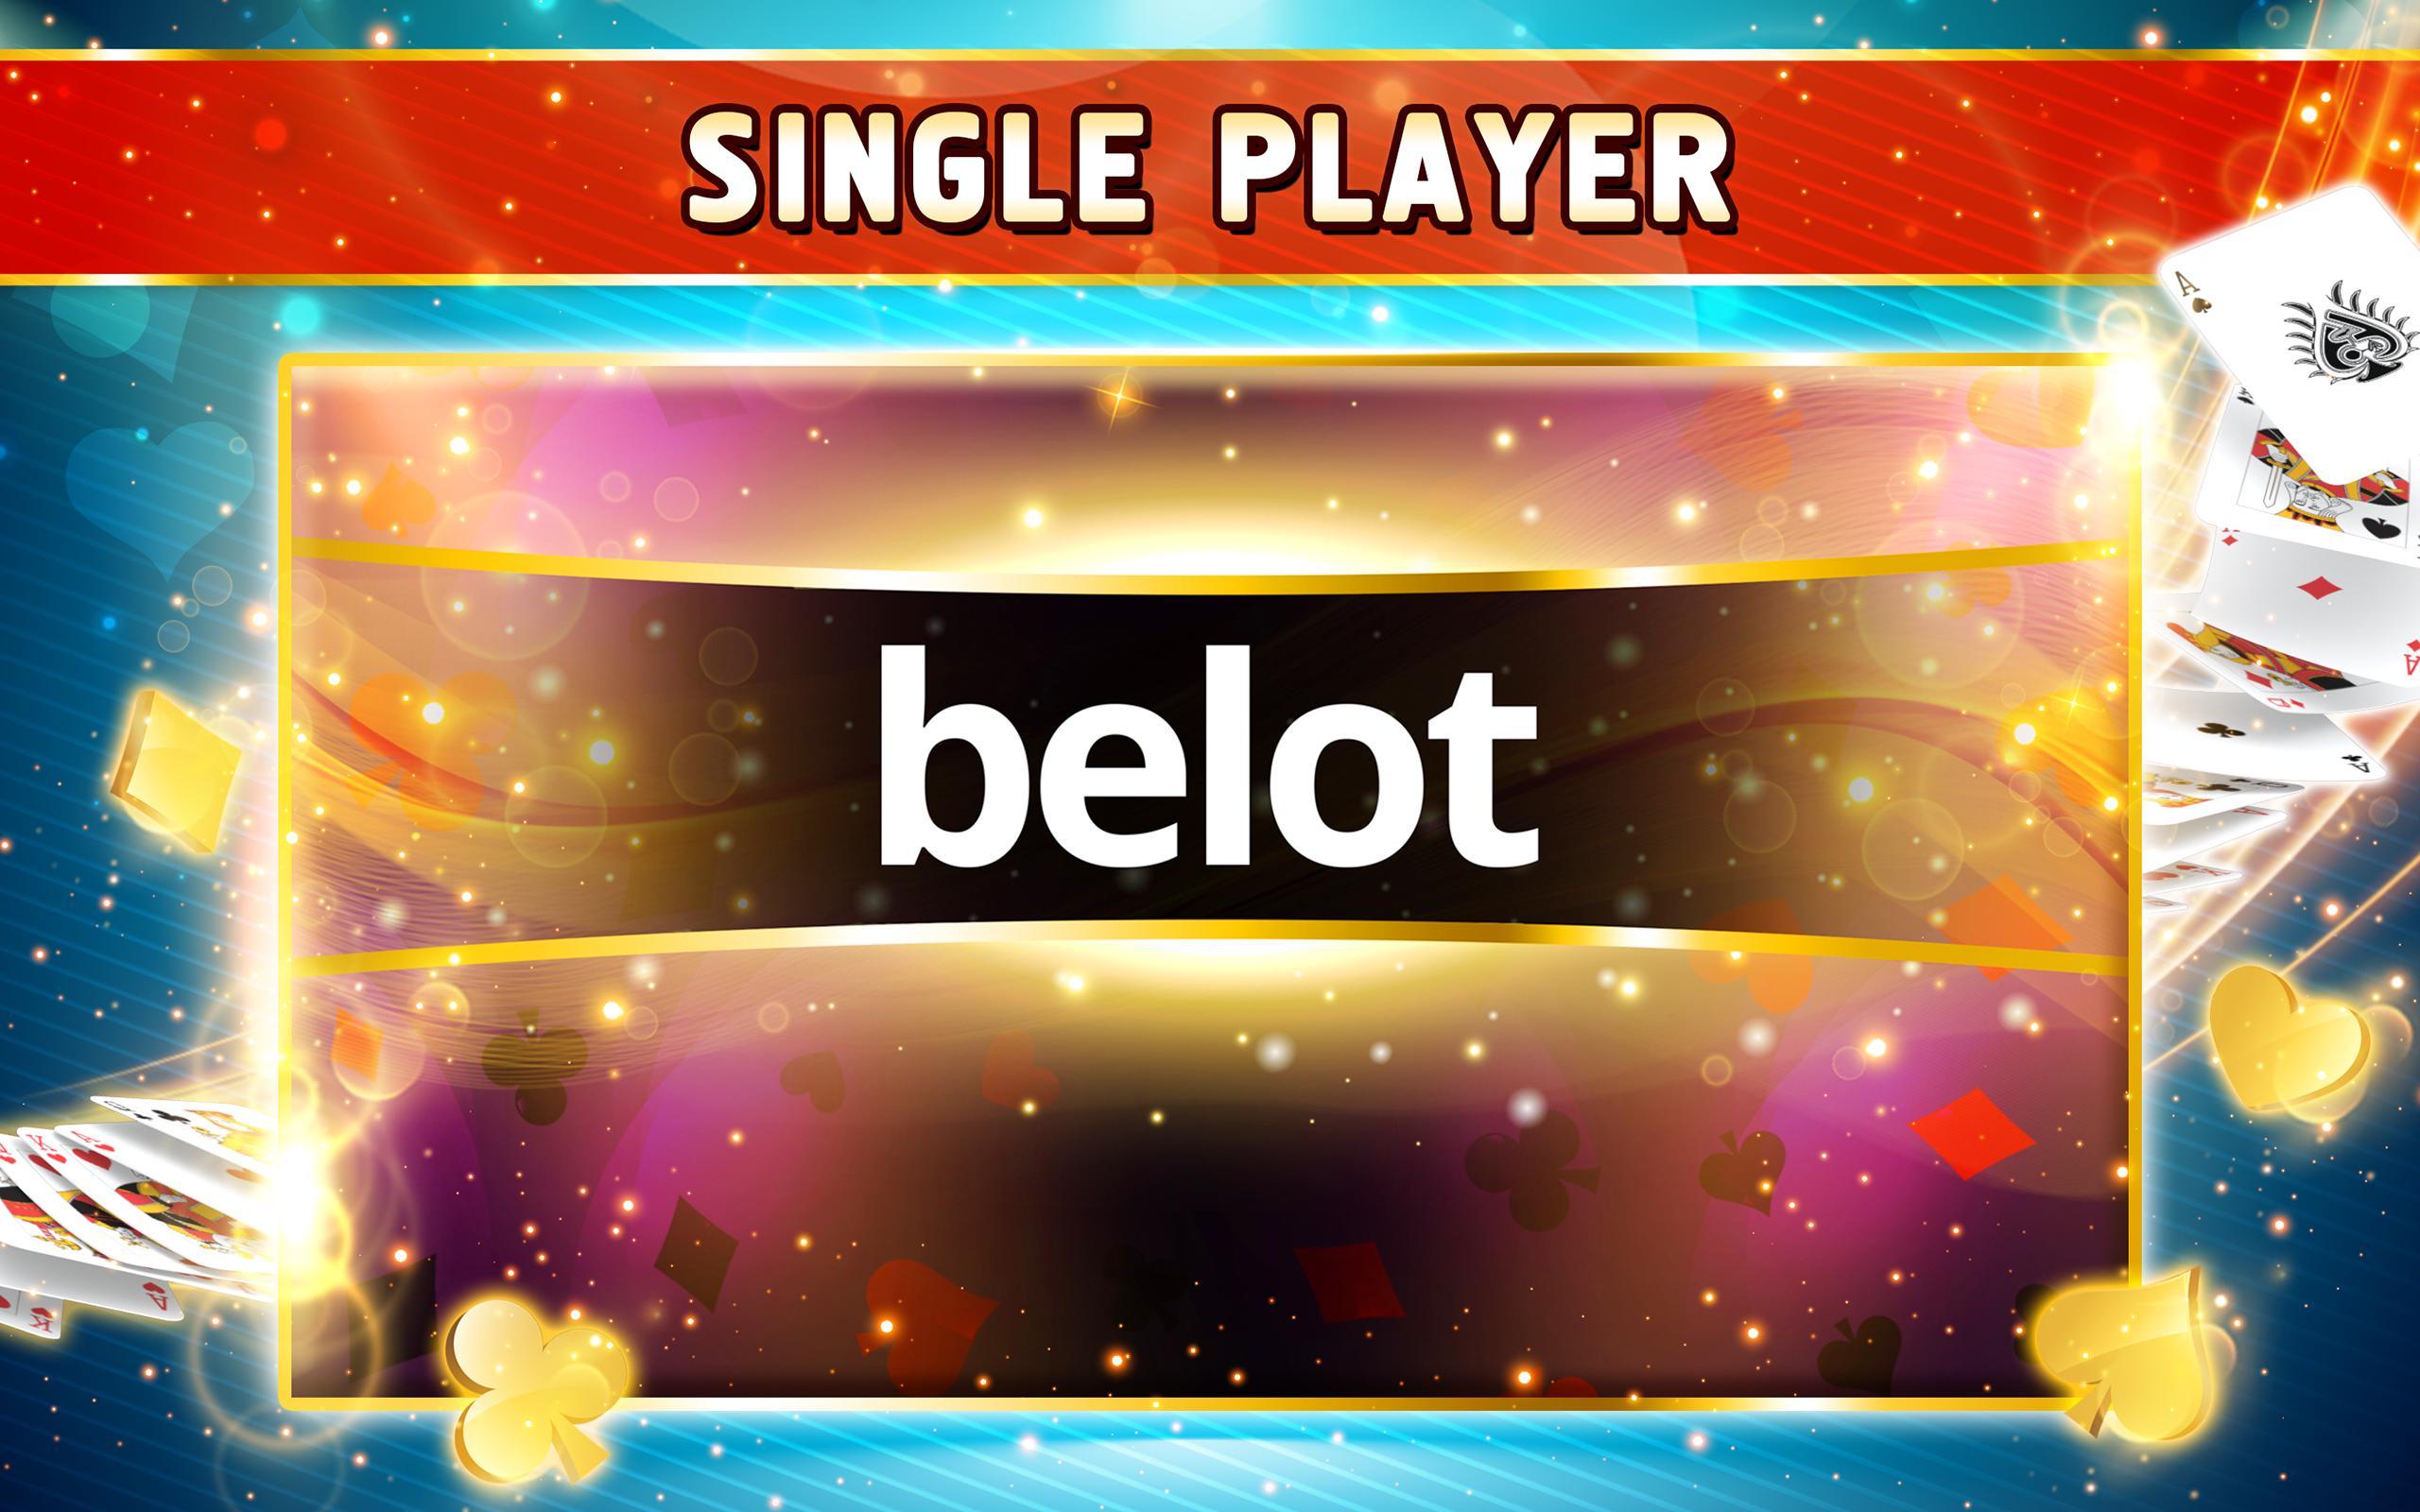 Belot - Играй Белот офлайн 1.0.15 Screenshot 6